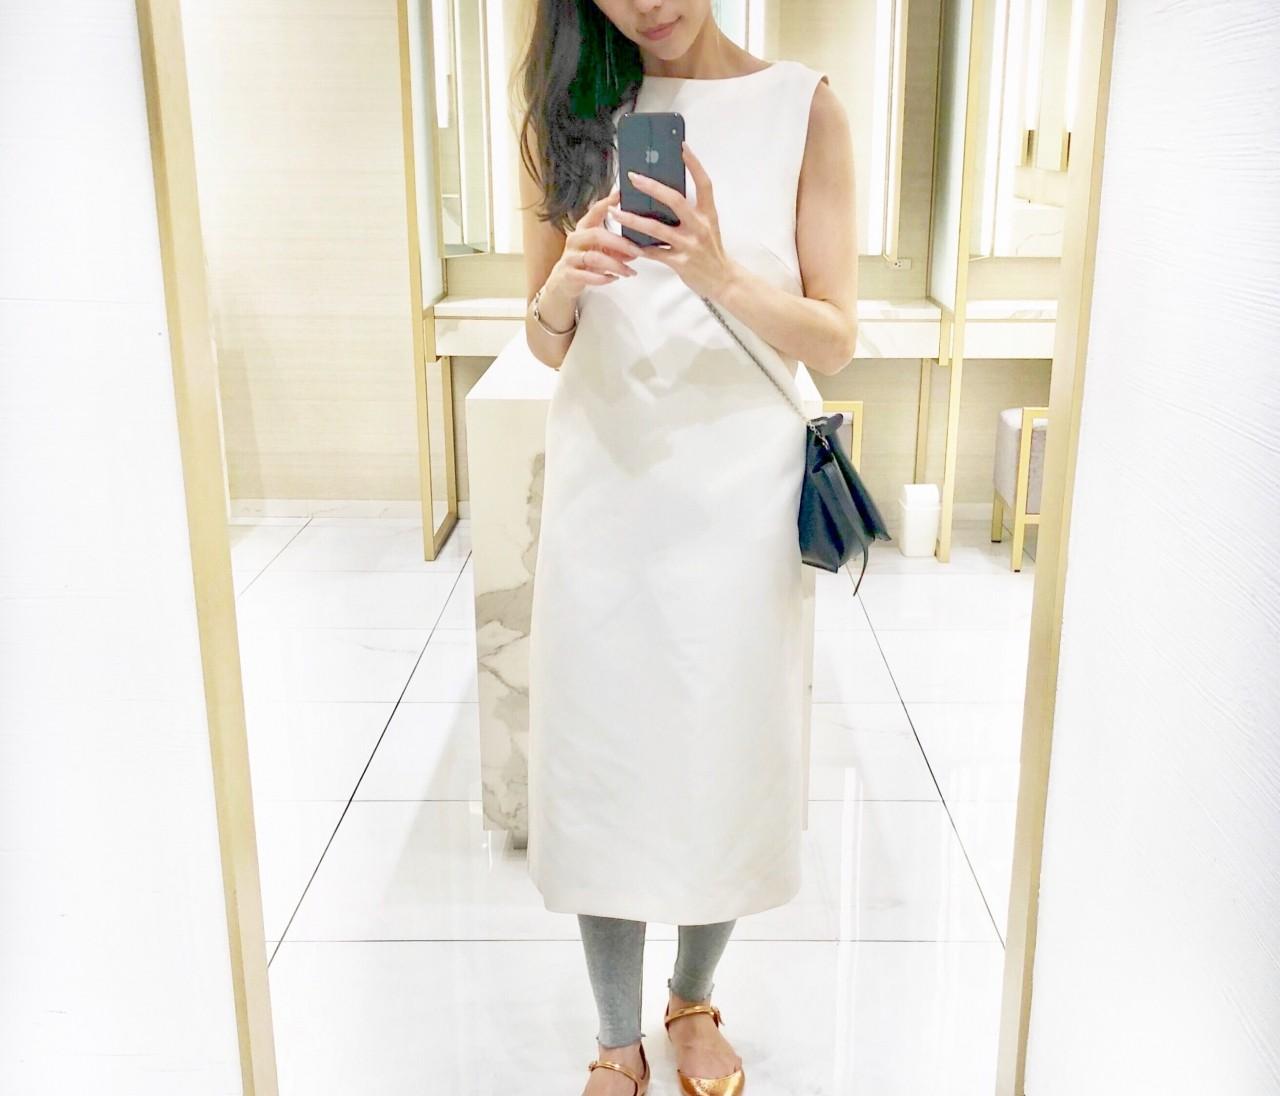 【休日コーデ】スタニングルアーで見つけた、ちょうどいいモード服